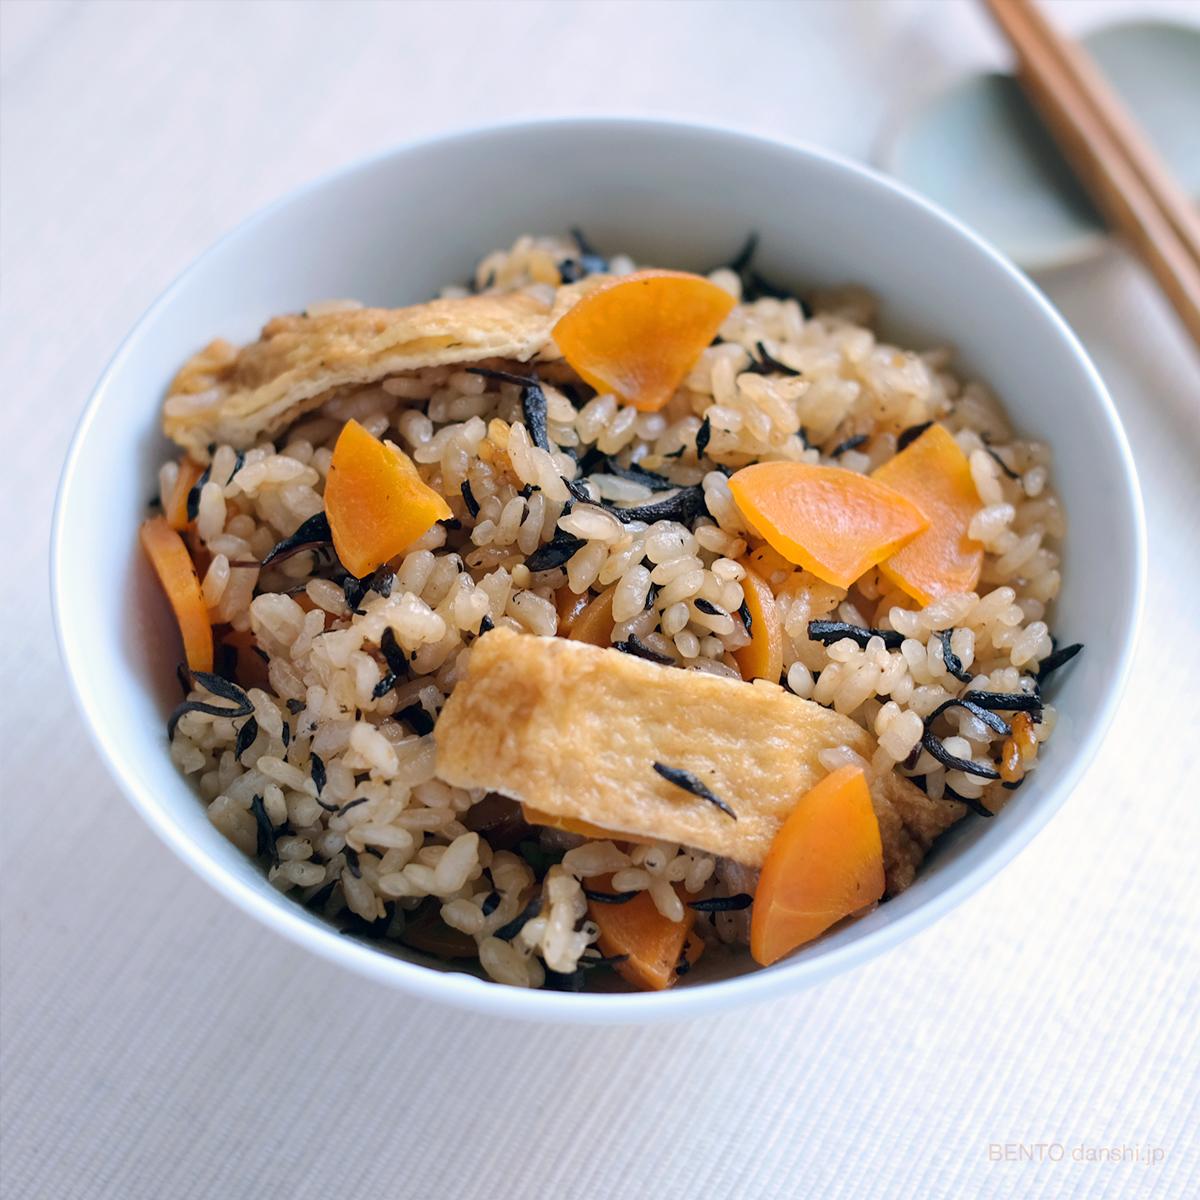 ひじきと人参、油揚げの炊き込みご飯は弁当に活躍、素朴で飽きない美味しい味わい。